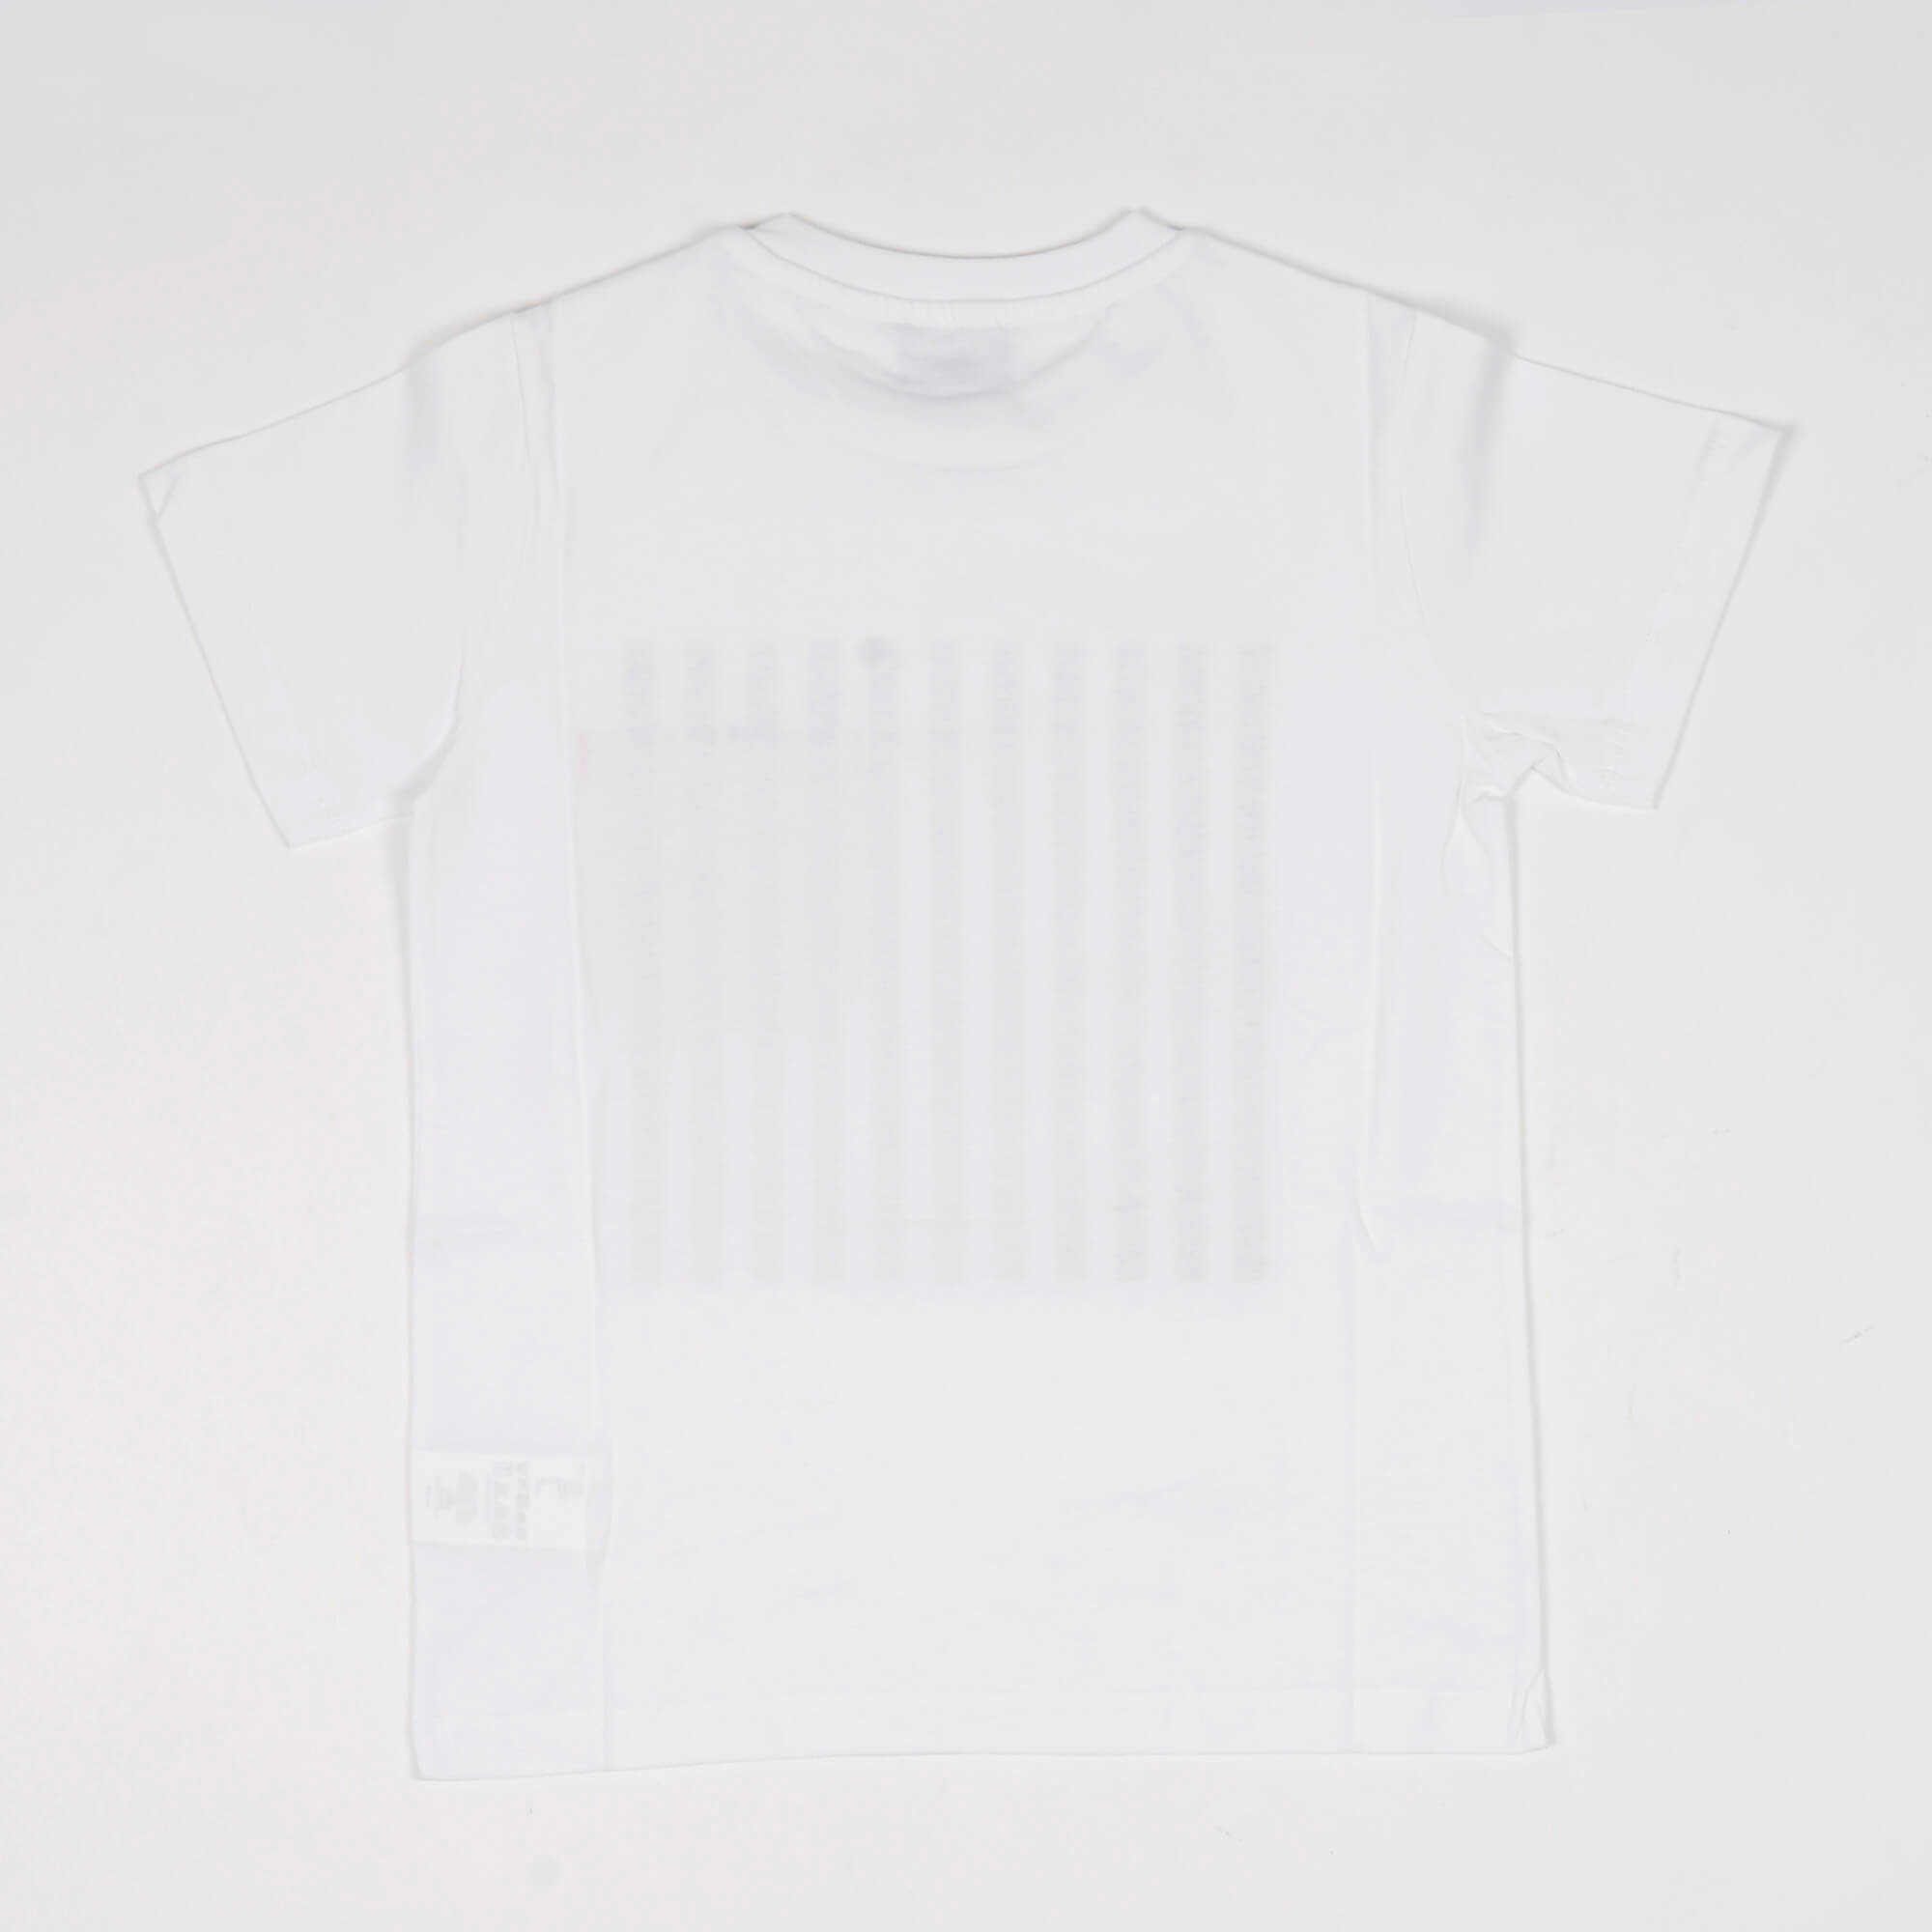 T-shirt maxi stampa- Bianco